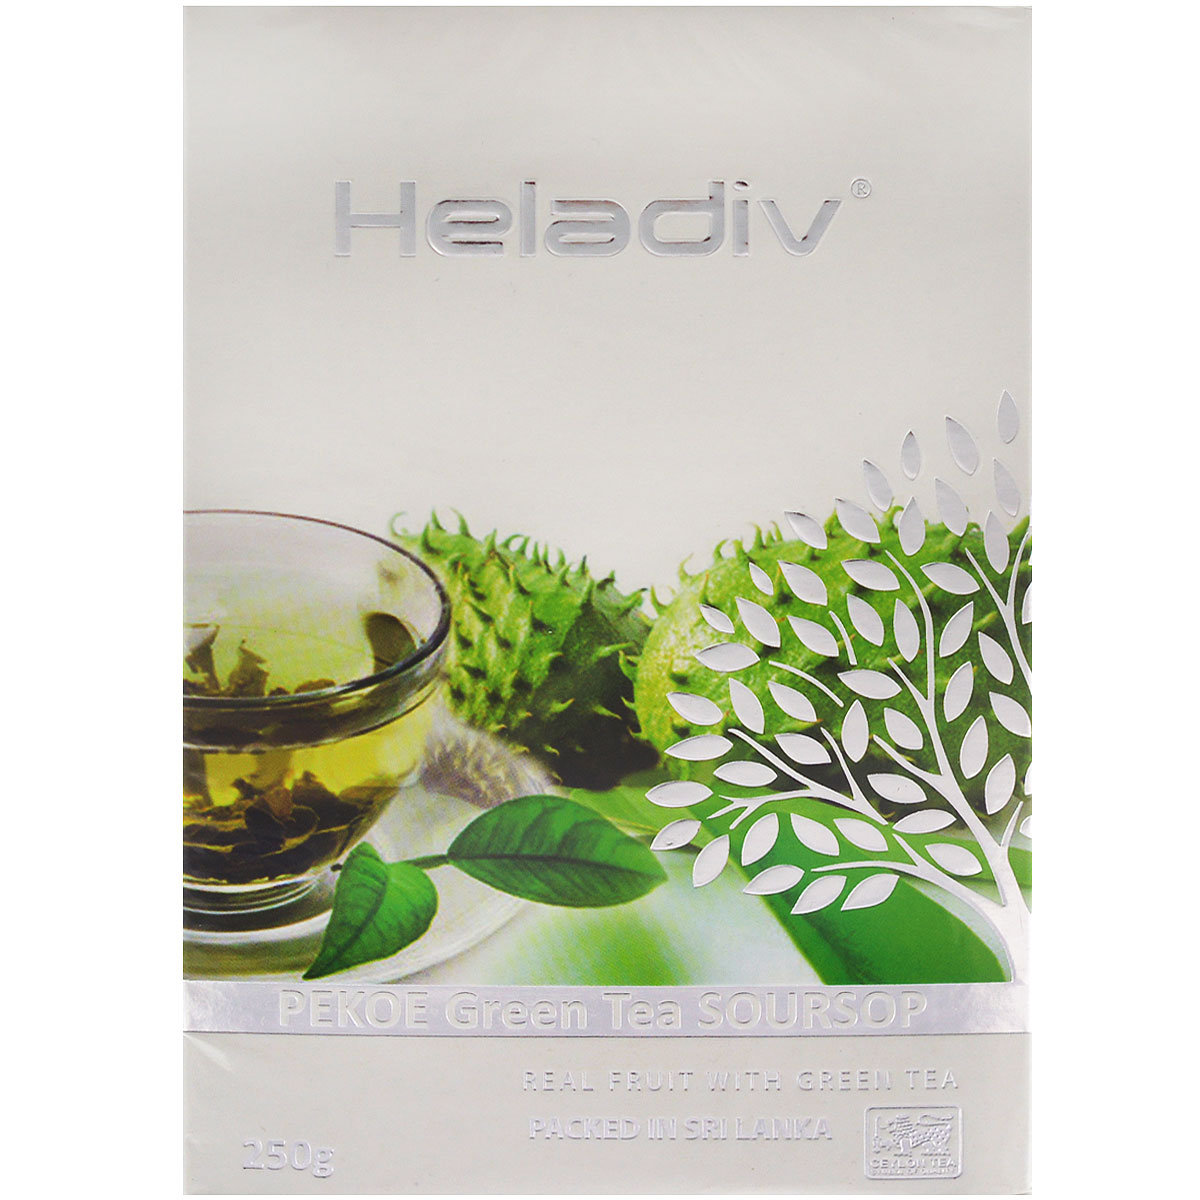 Heladiv Pekoe Green Soursop зелёный листовой чай с саусепом, 250 г чай heladiv чай черный листовой heladiv pekoe 400г